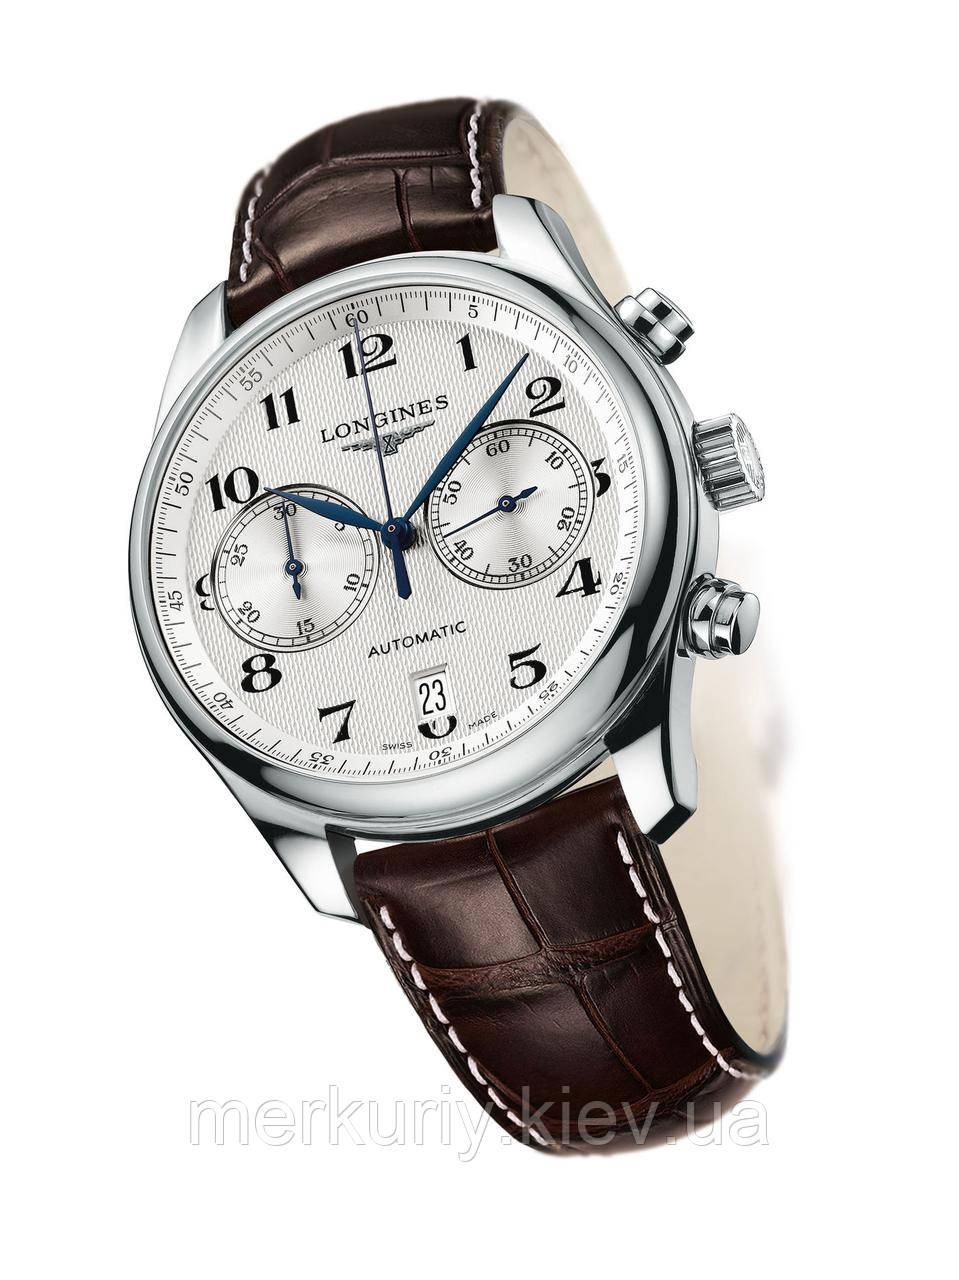 Часы наручные мужские лонгинес цена оригинал купить часы и аксессуары